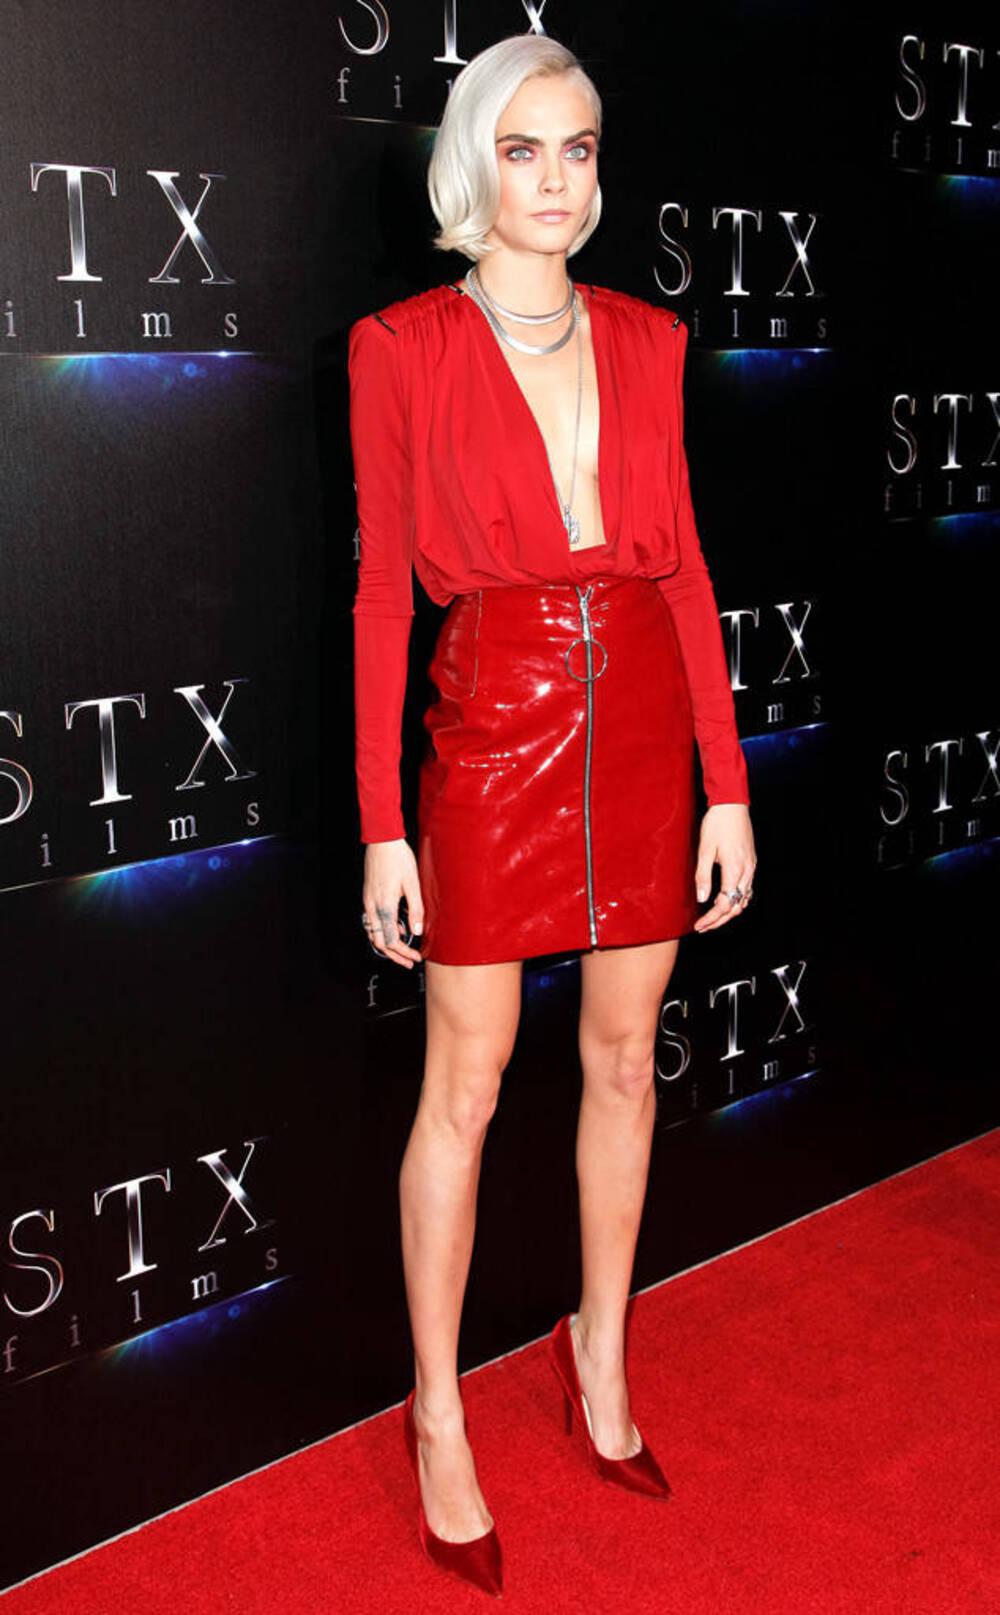 Cara Delevingne Cinemacon Red Dress Wheretoget